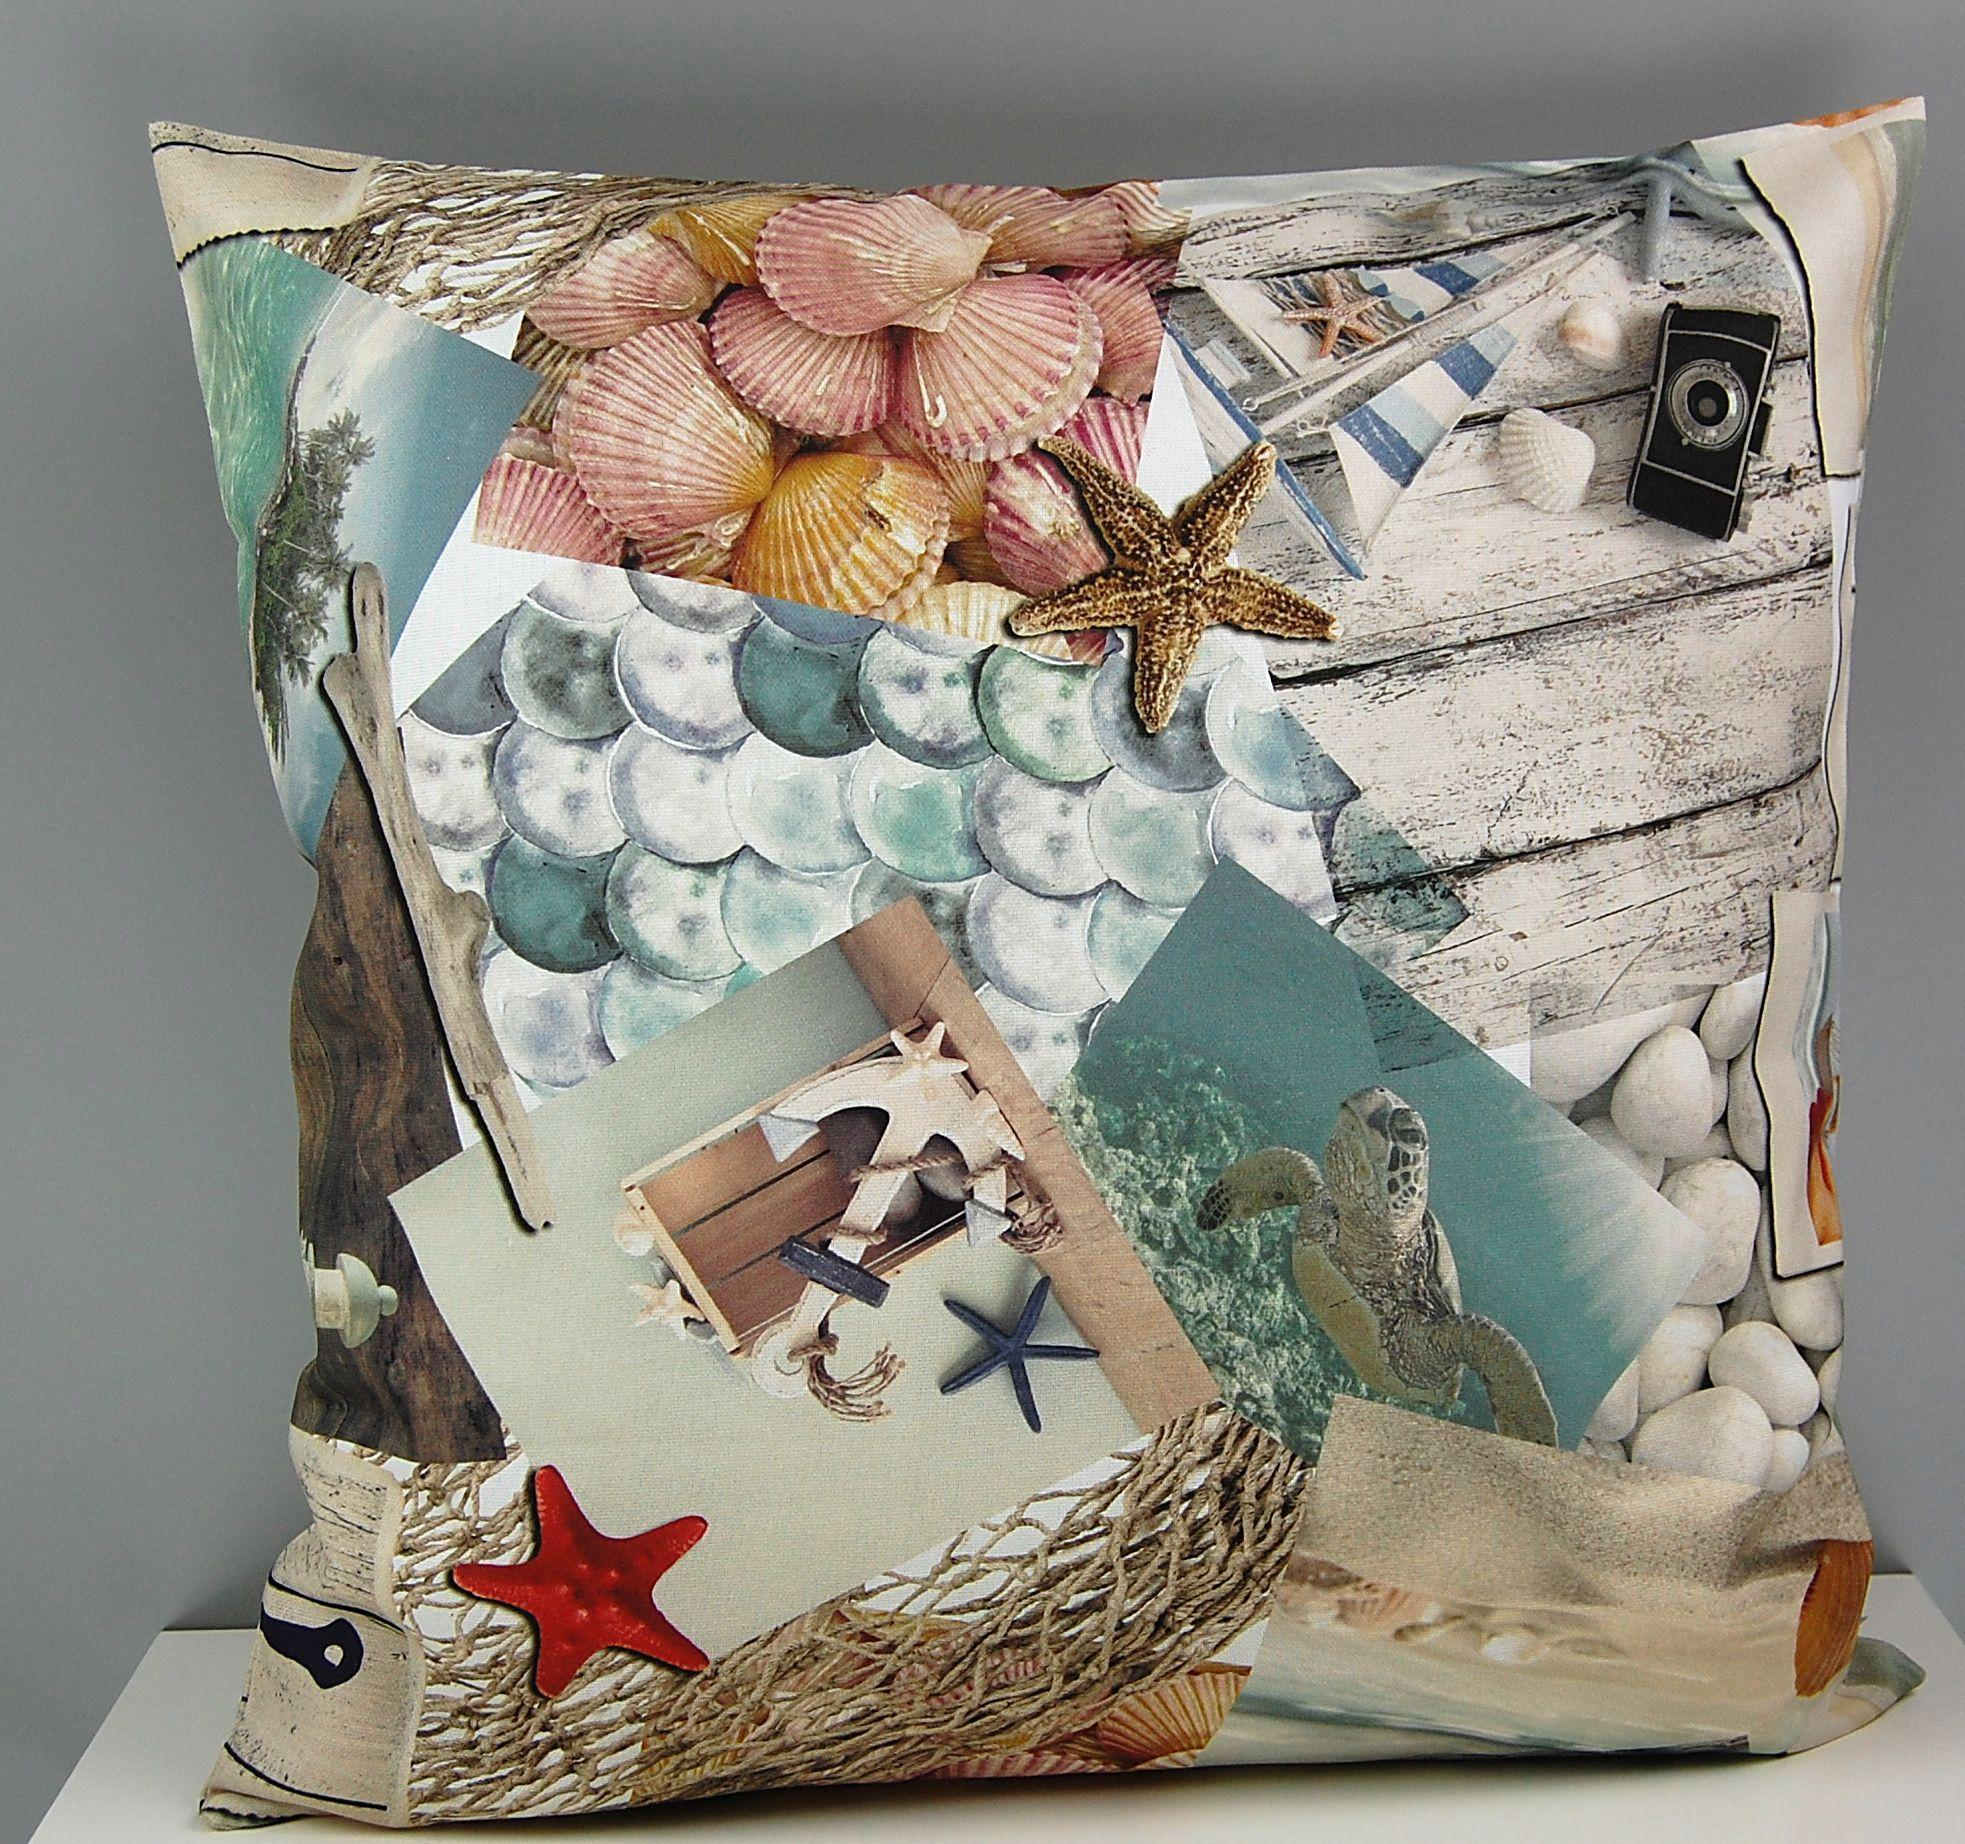 hossner kissenh lle shellfish nautik strand bunt. Black Bedroom Furniture Sets. Home Design Ideas